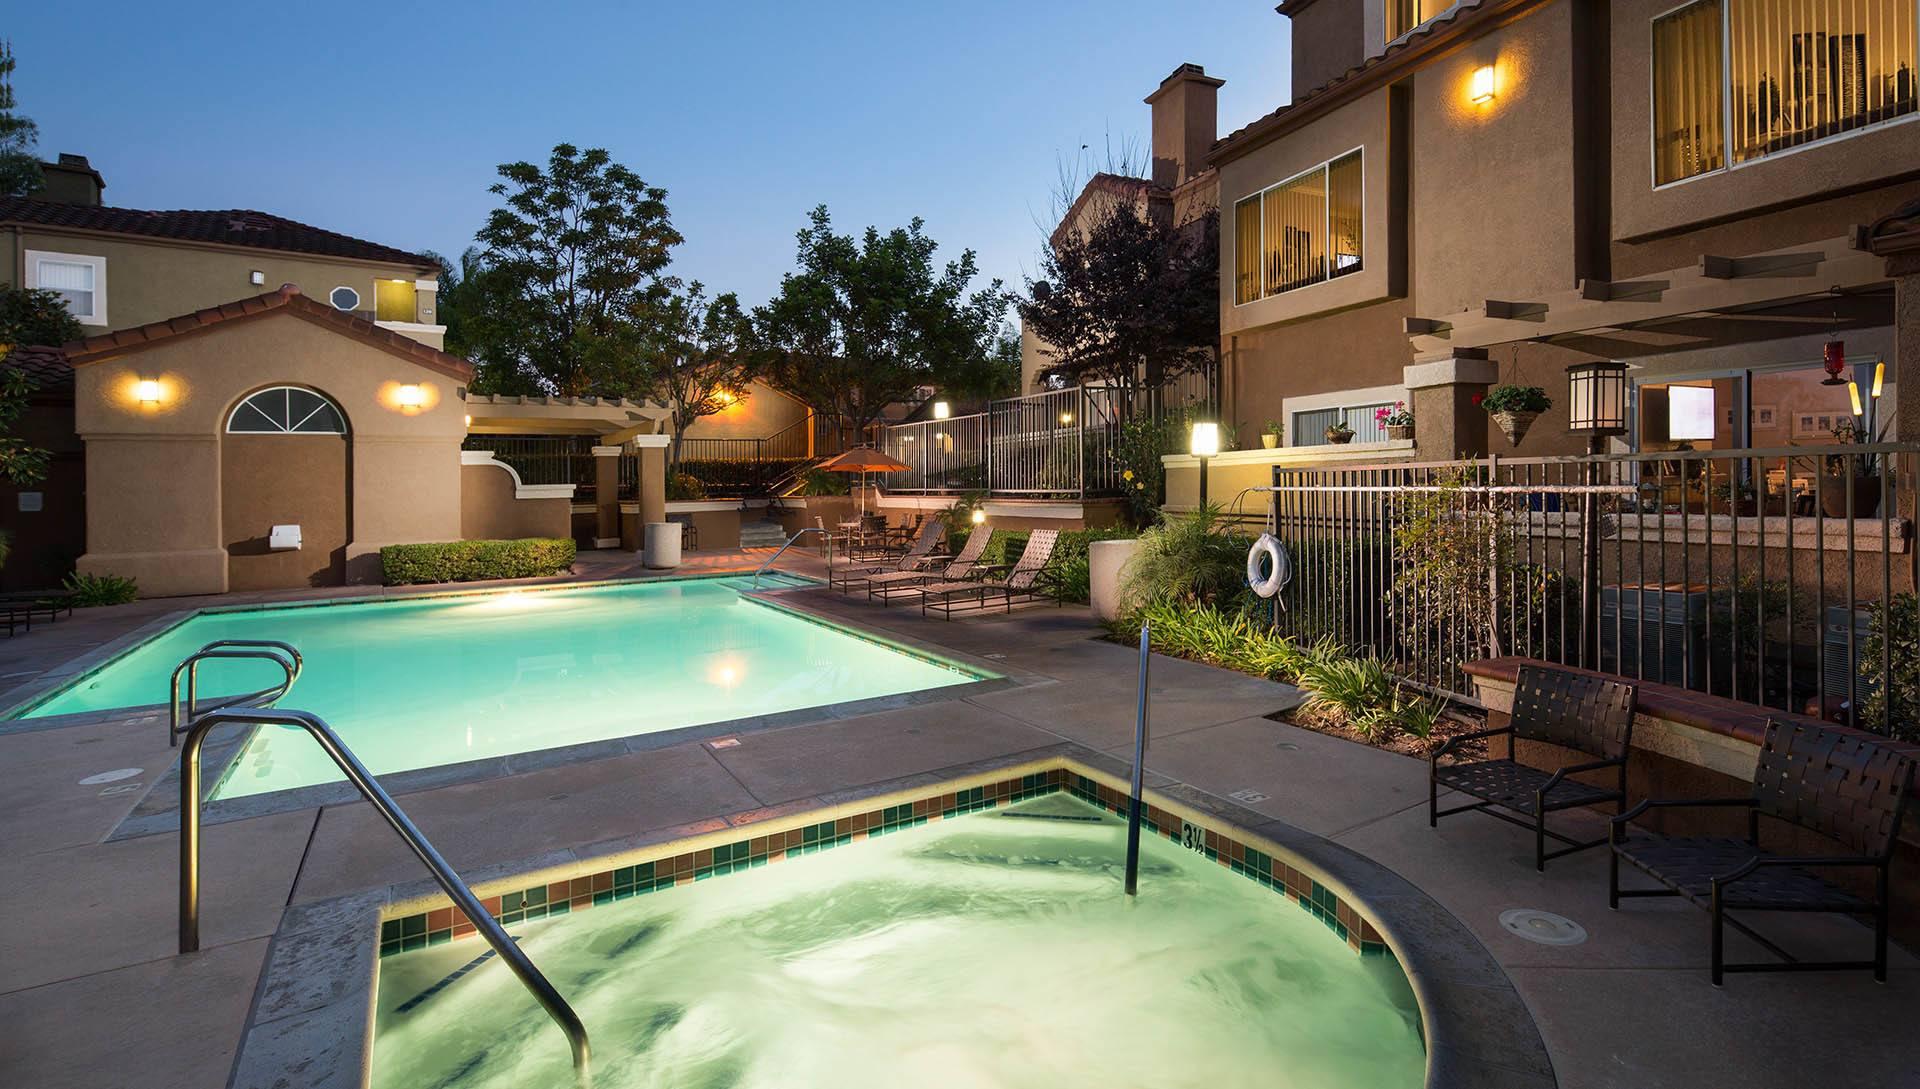 Apartments at Niguel Summit Condominium Rentals in Laguna Niguel, California